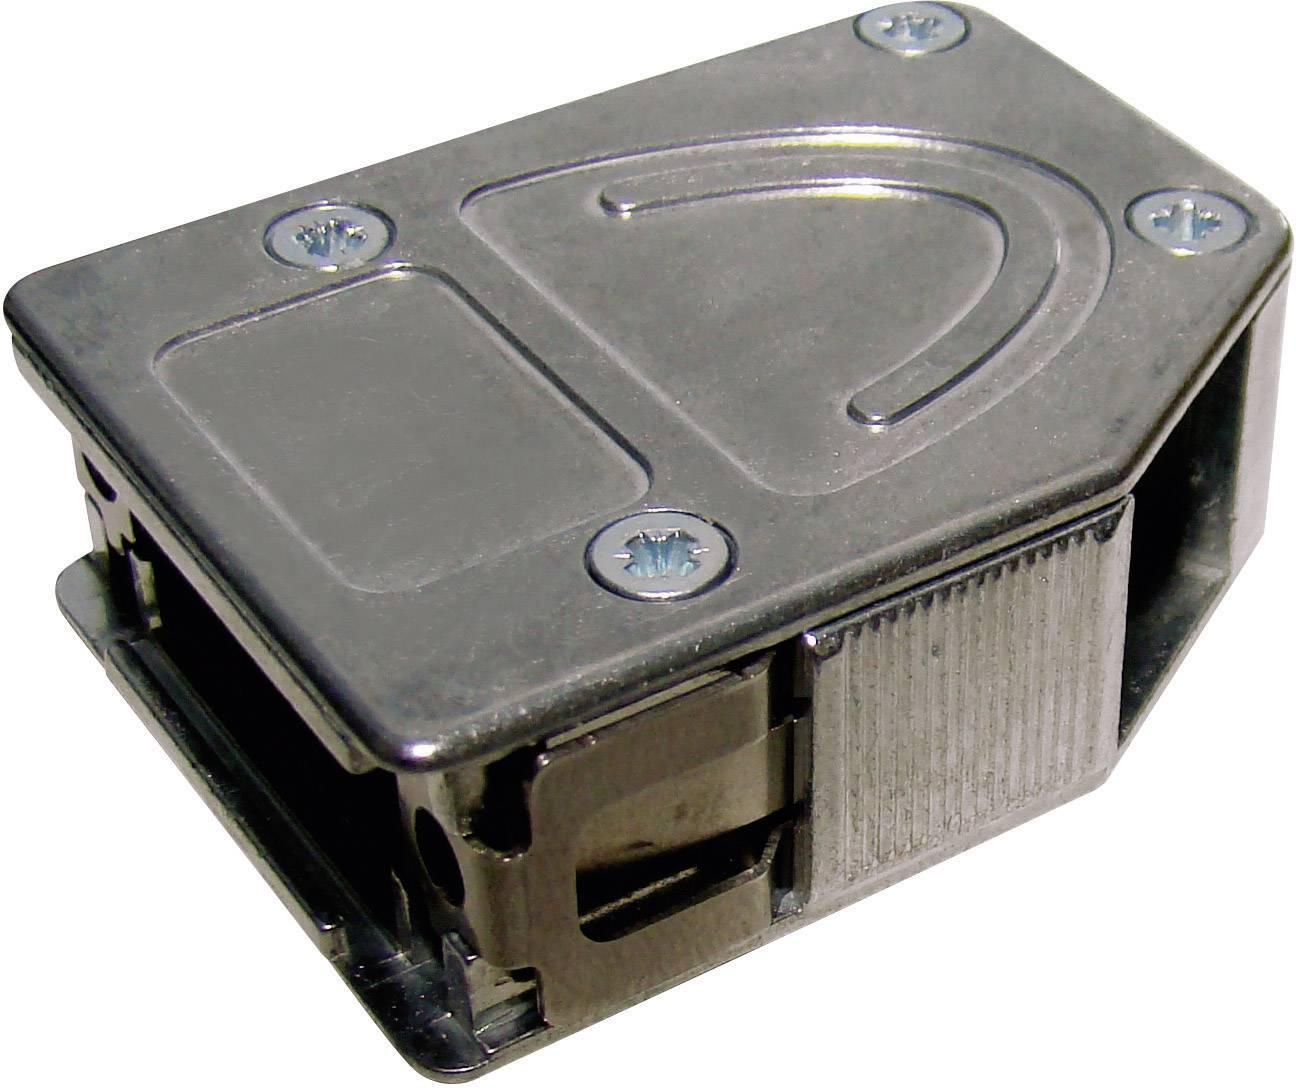 D-SUB púzdro Provertha 10415DC001 10415DC001, Počet pinov: 15, kov, 180 °, 45 °, 45 °, strieborná, 1 ks